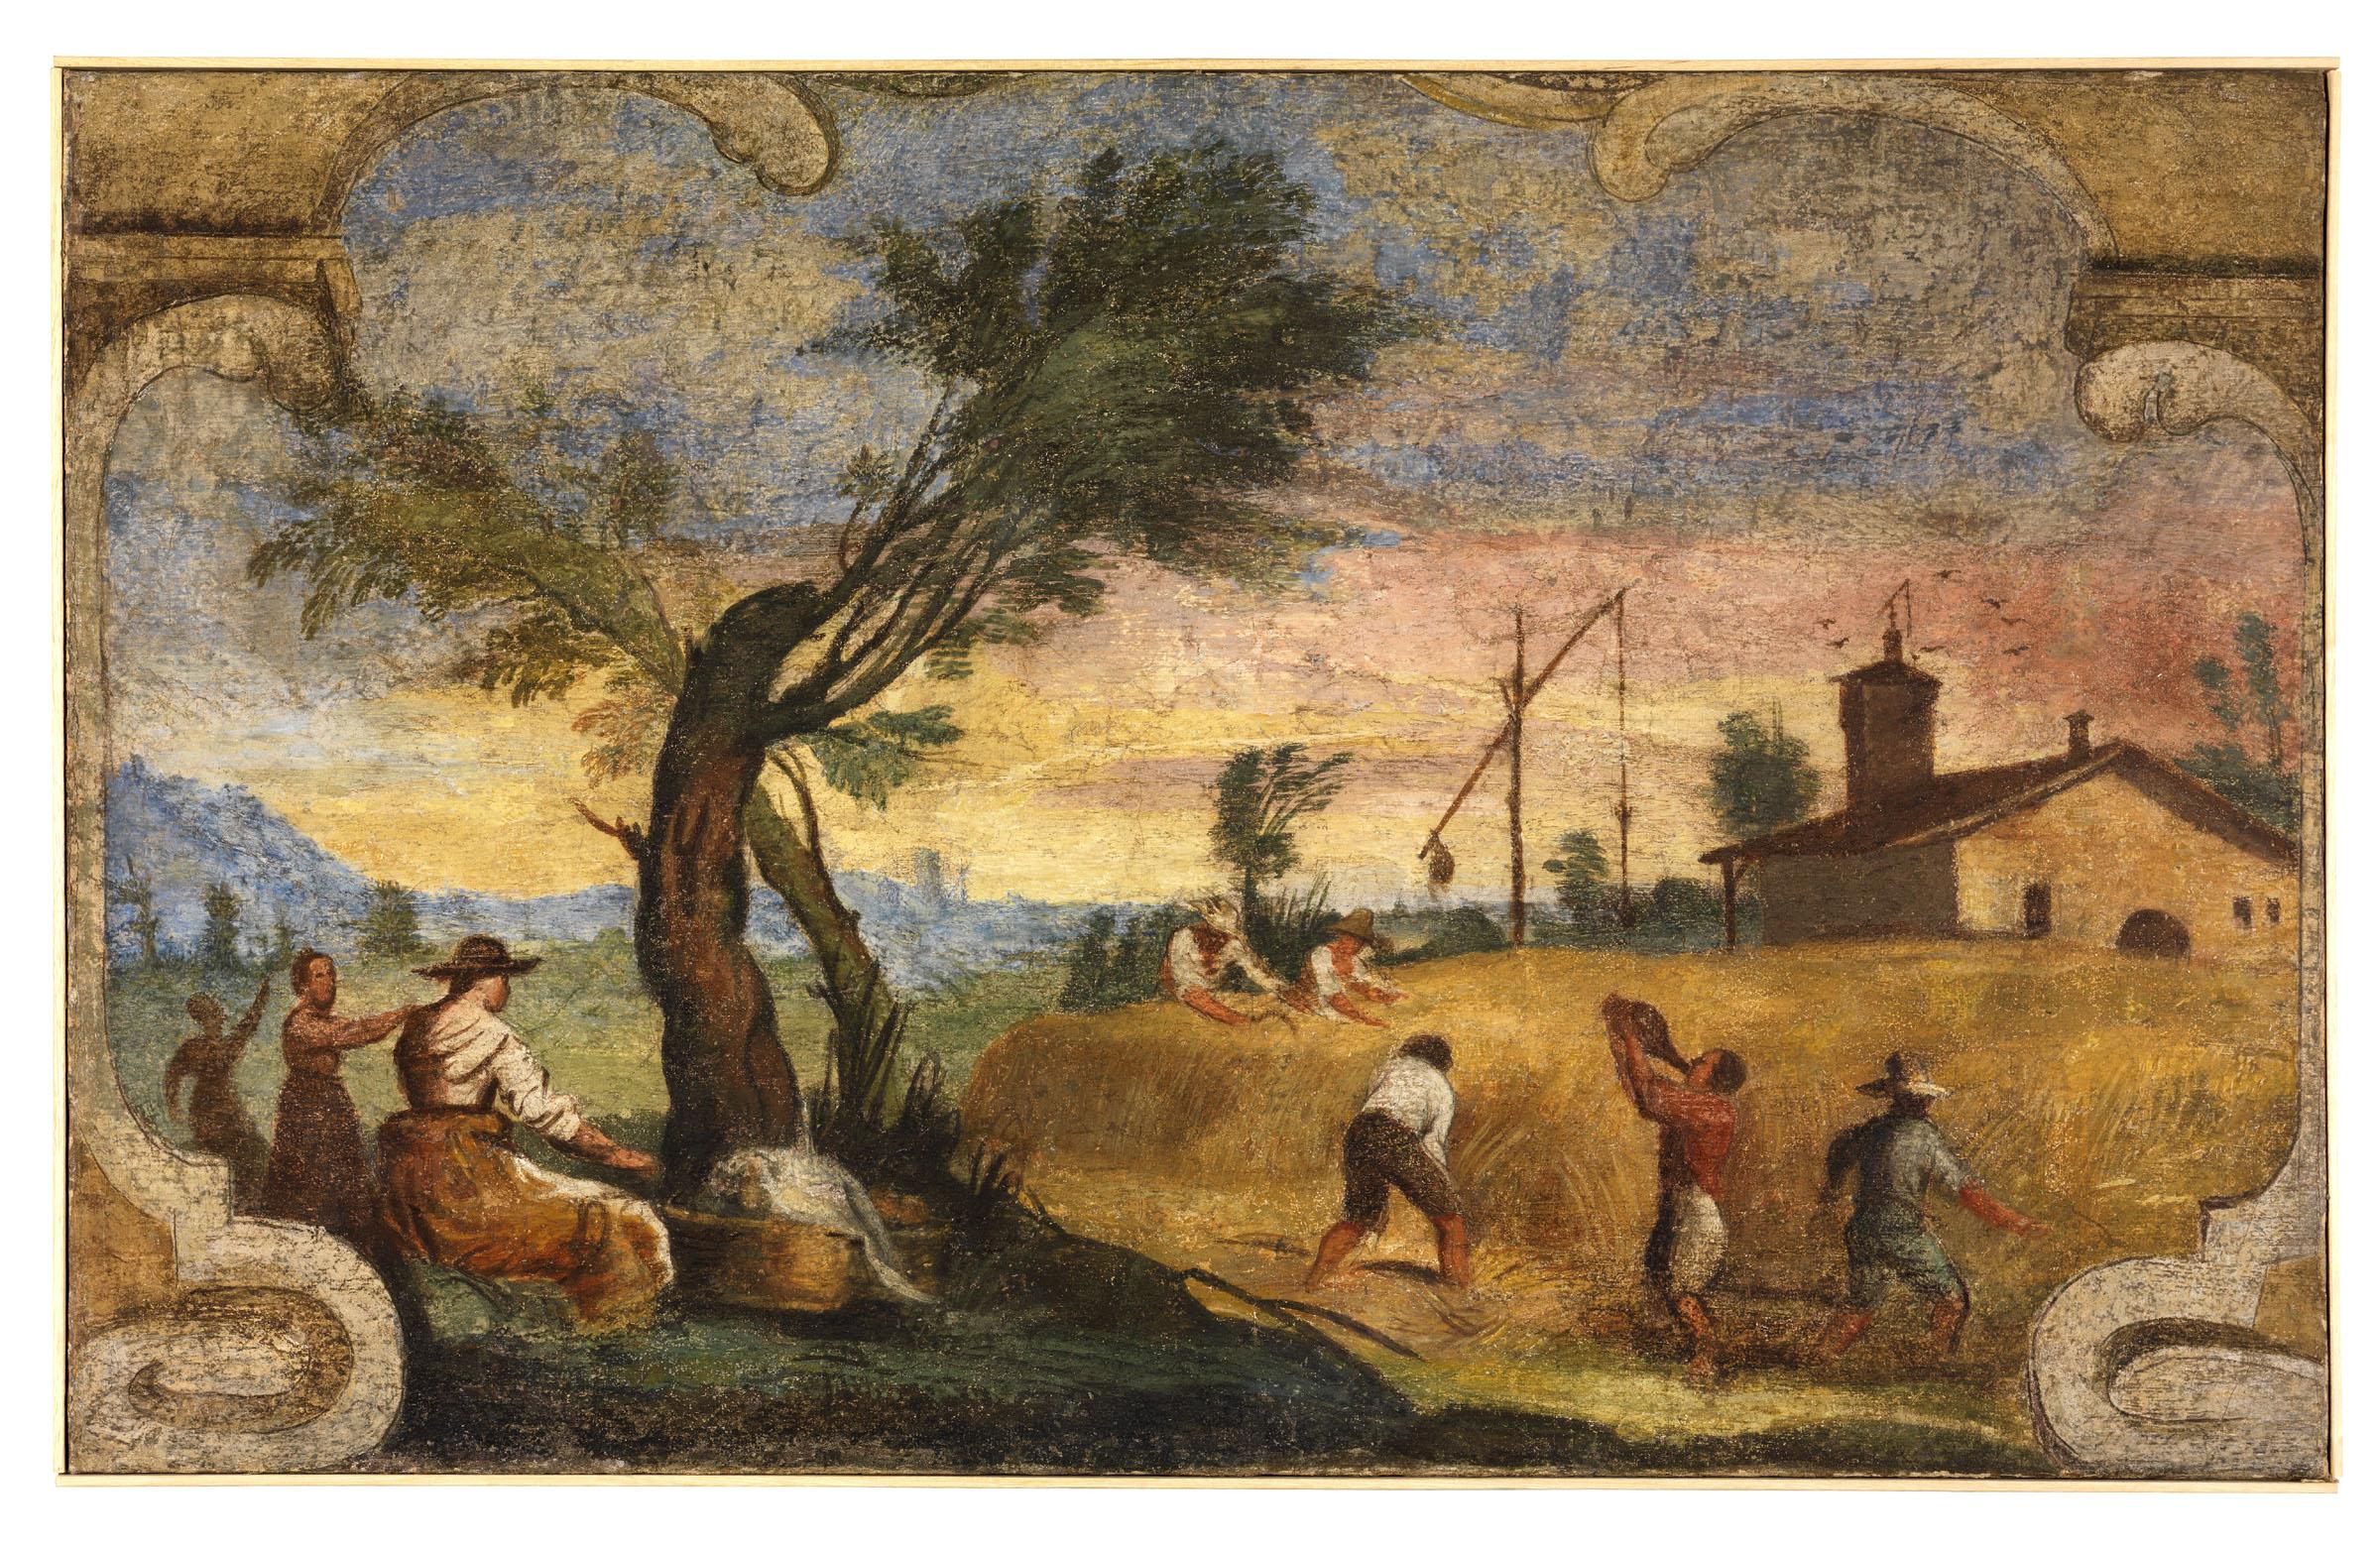 Guercino Pinacoteca Cento 2019 Guercino, Mietitura, 1615, affresco